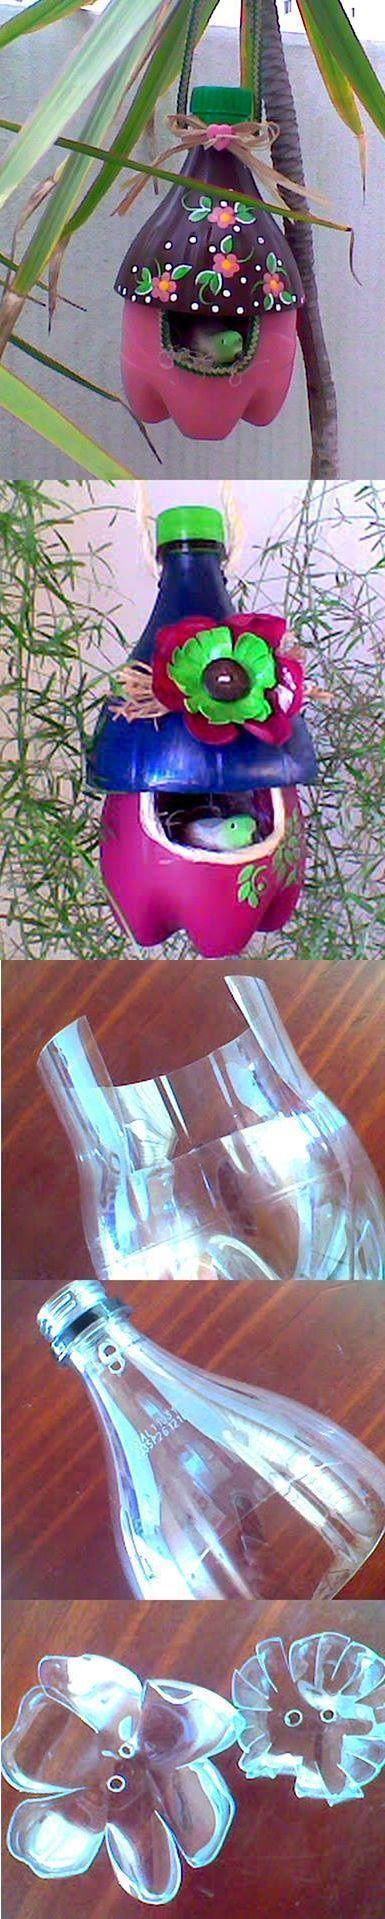 DIY Easy To Make Plastic Bottle Bird House